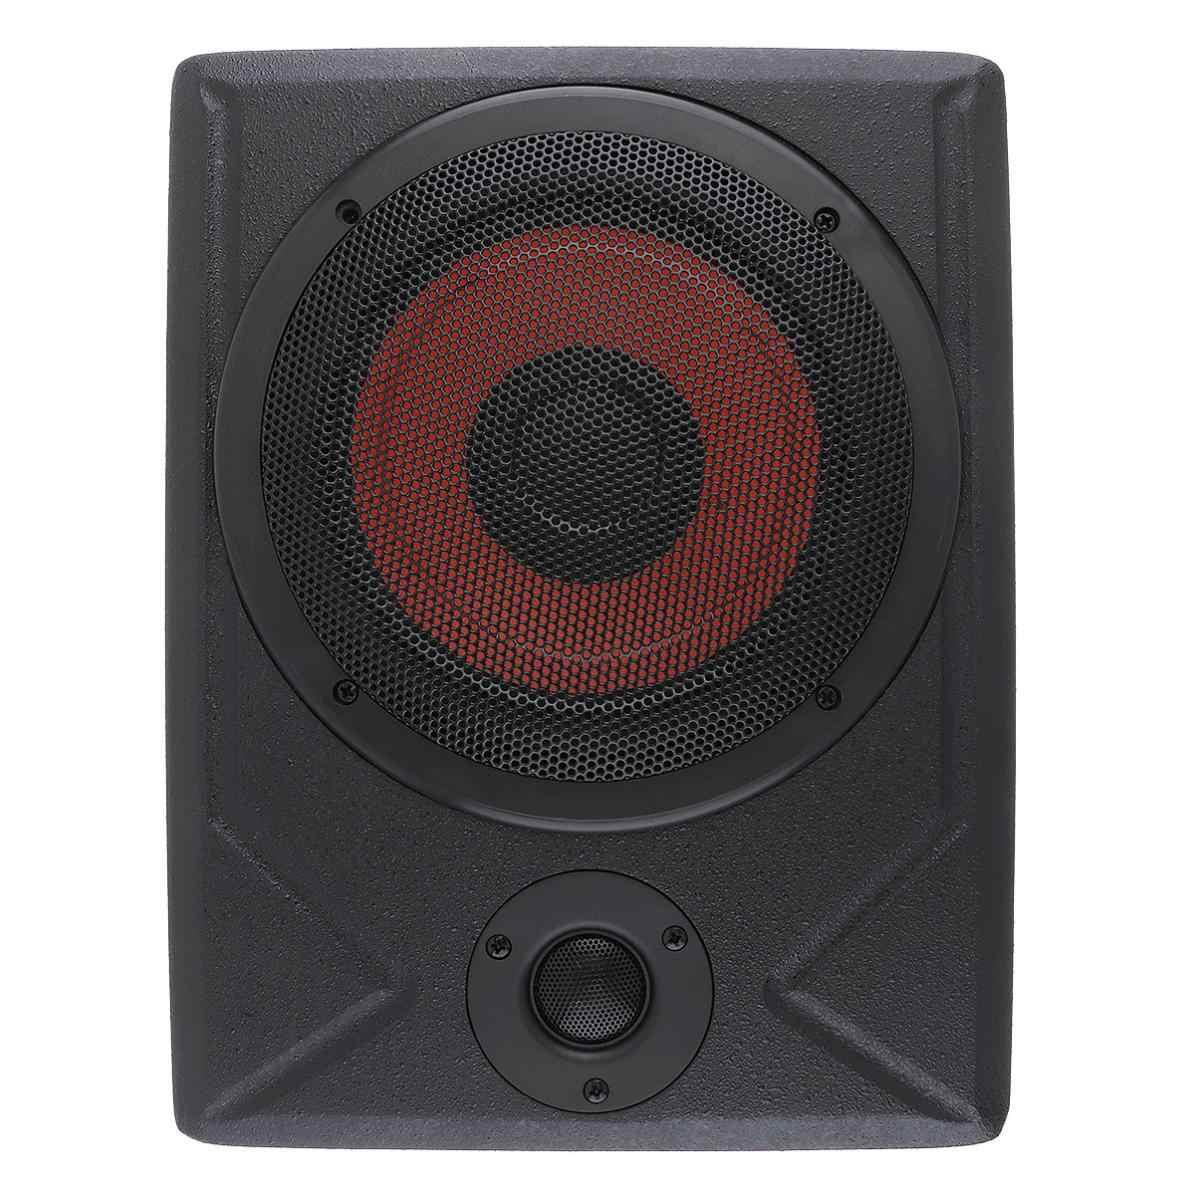 Fuselage noir universel mince 8 pouces 600W mince sous siège voiture Subwoofer actif amplificateur de basse haut-parleur nouveau